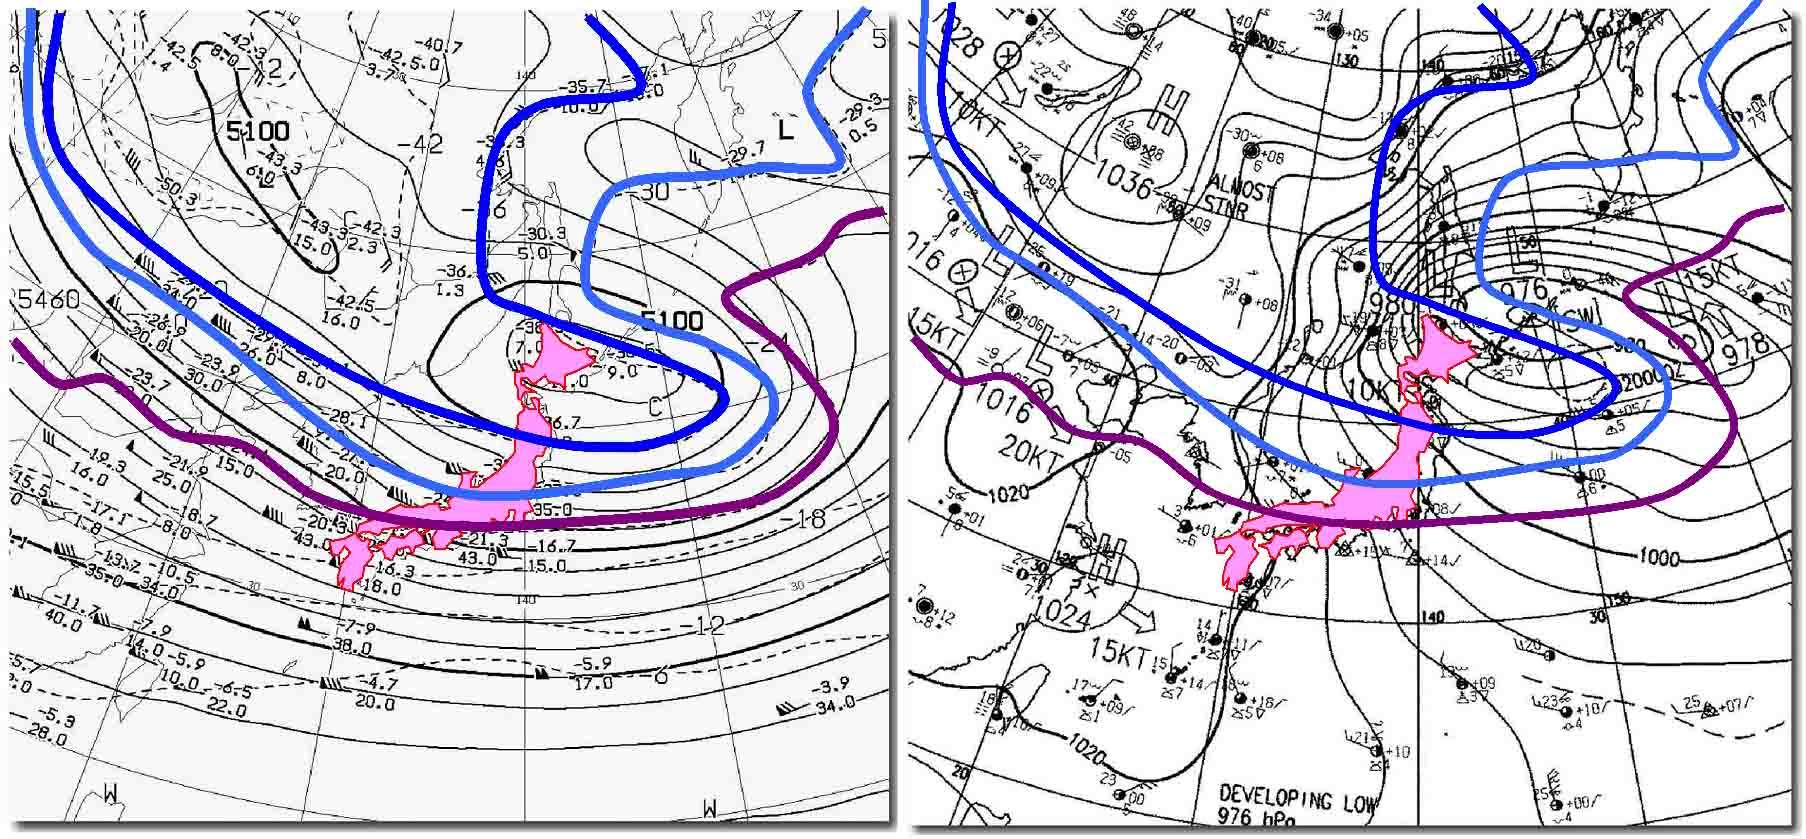 2010年01月01日09時の天気図(上空の気温)